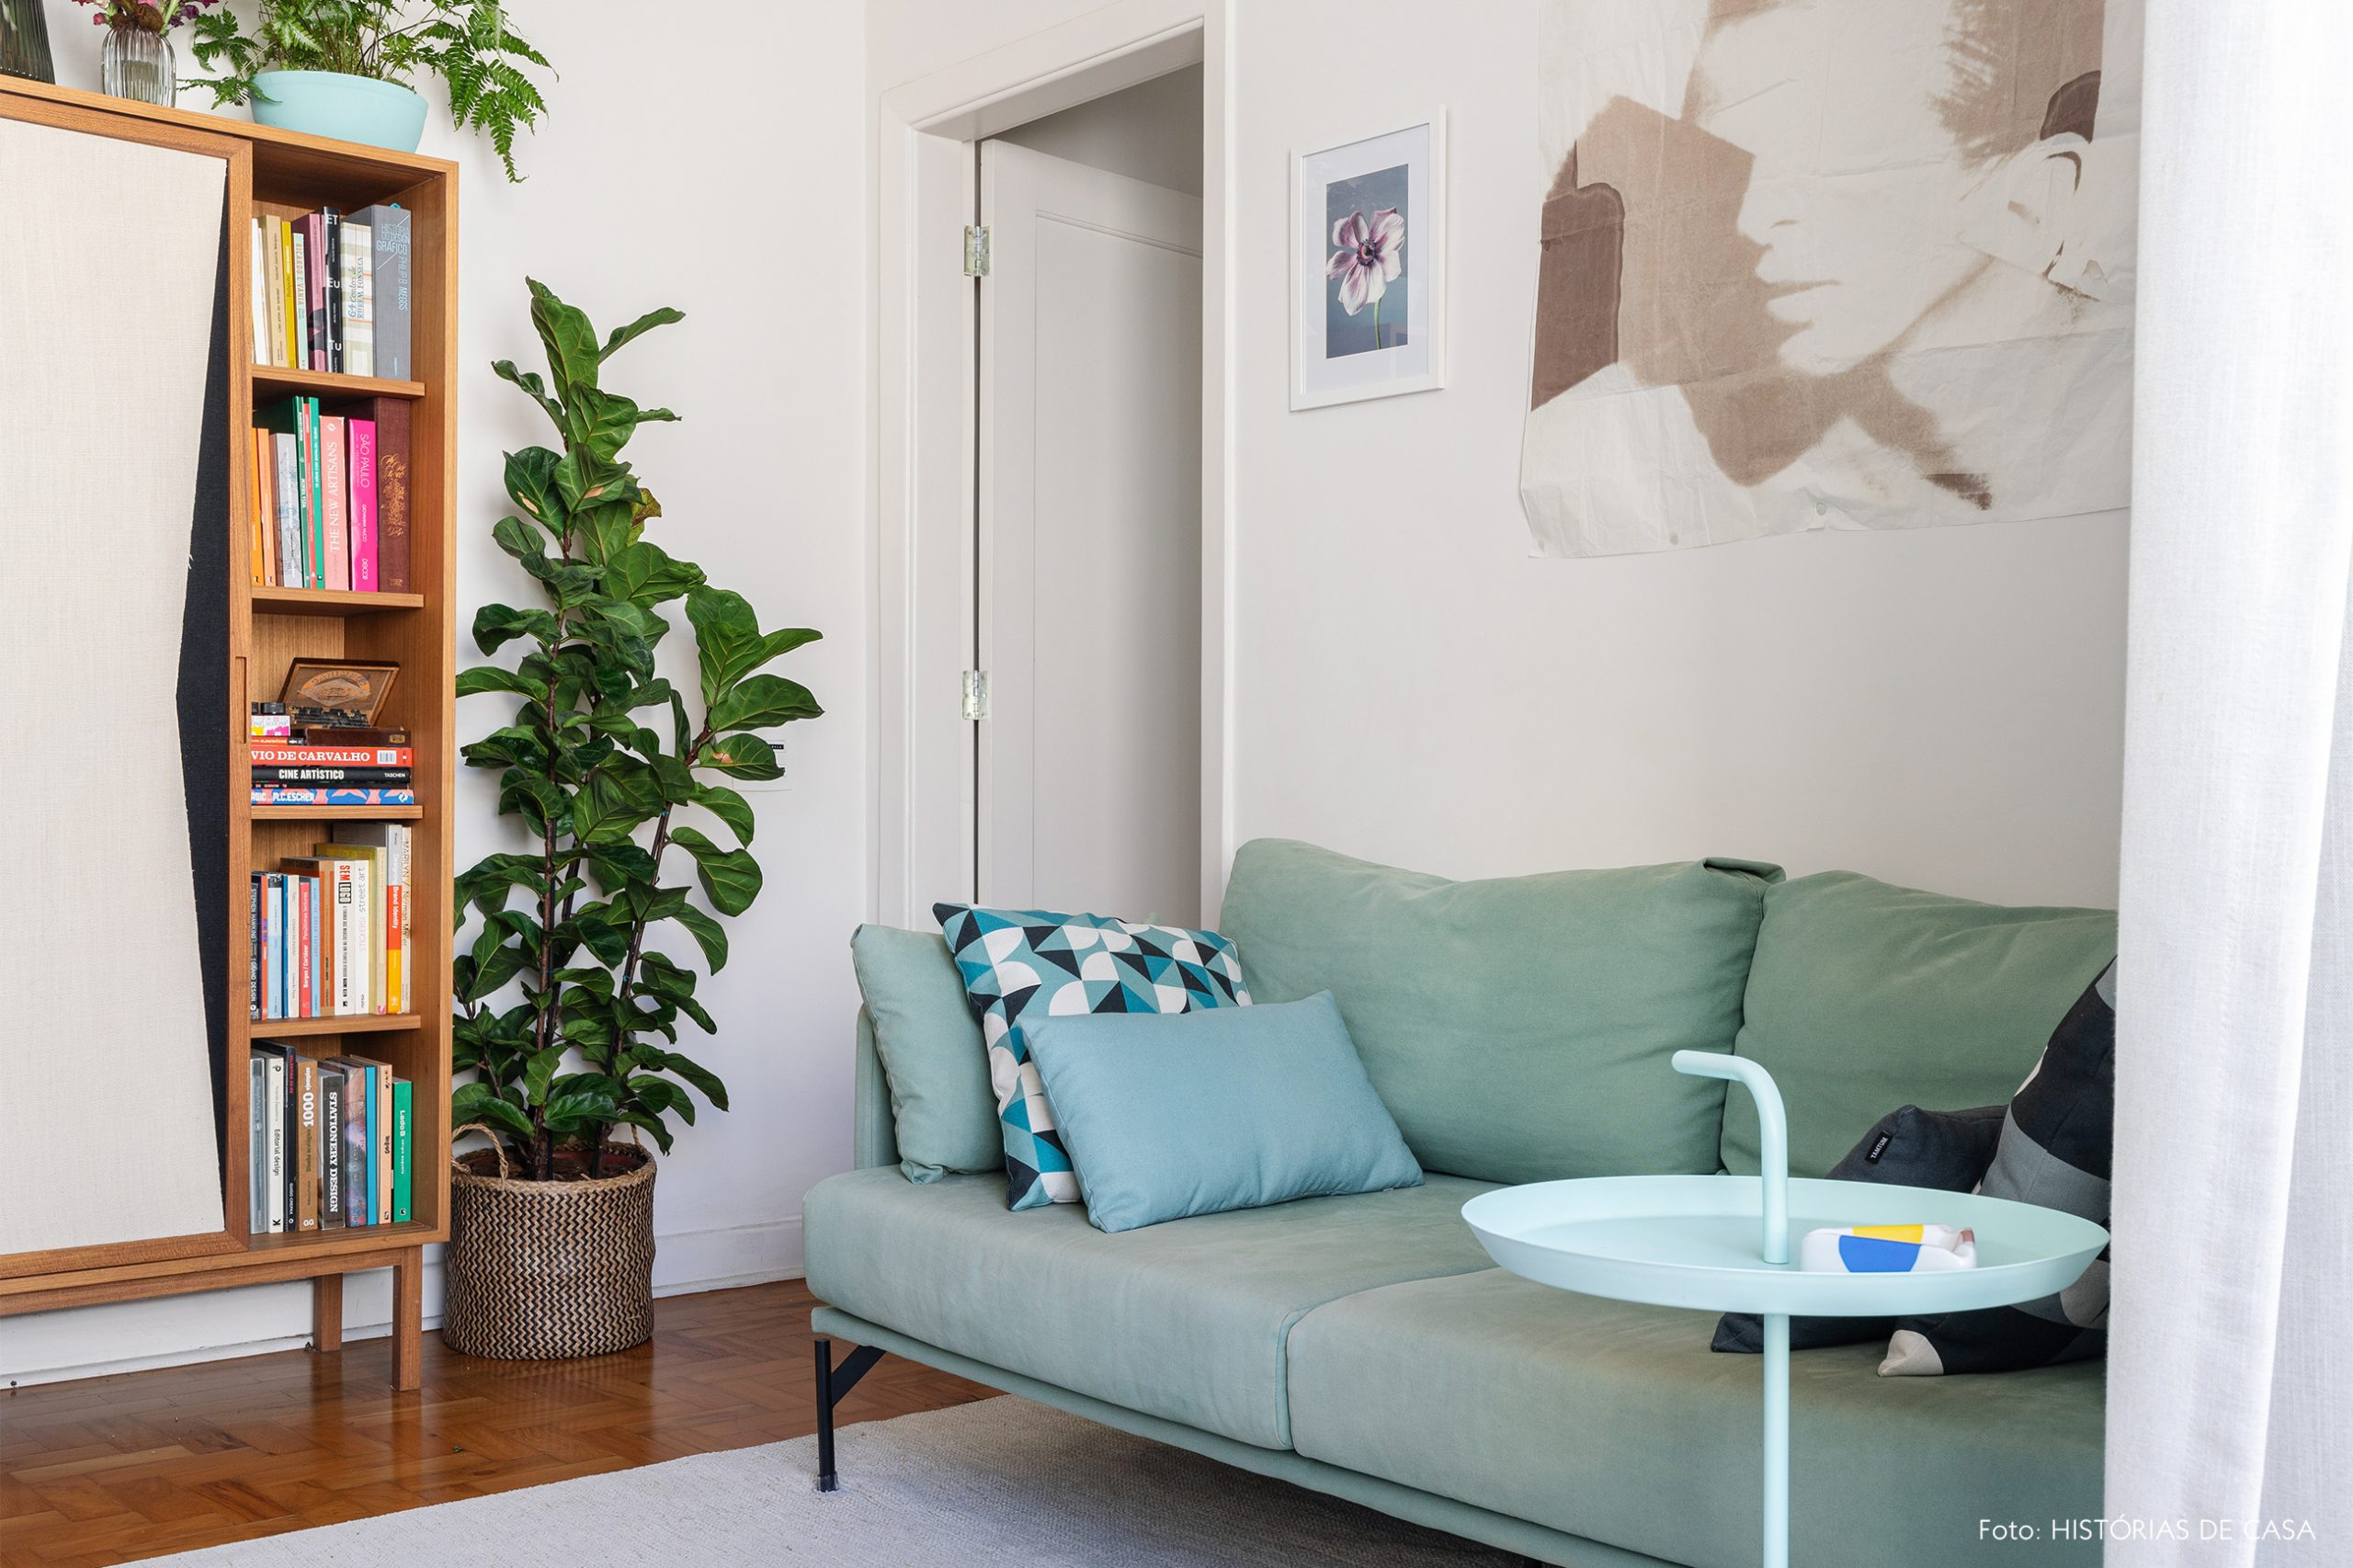 decoração sala sofa azul cesto com planta